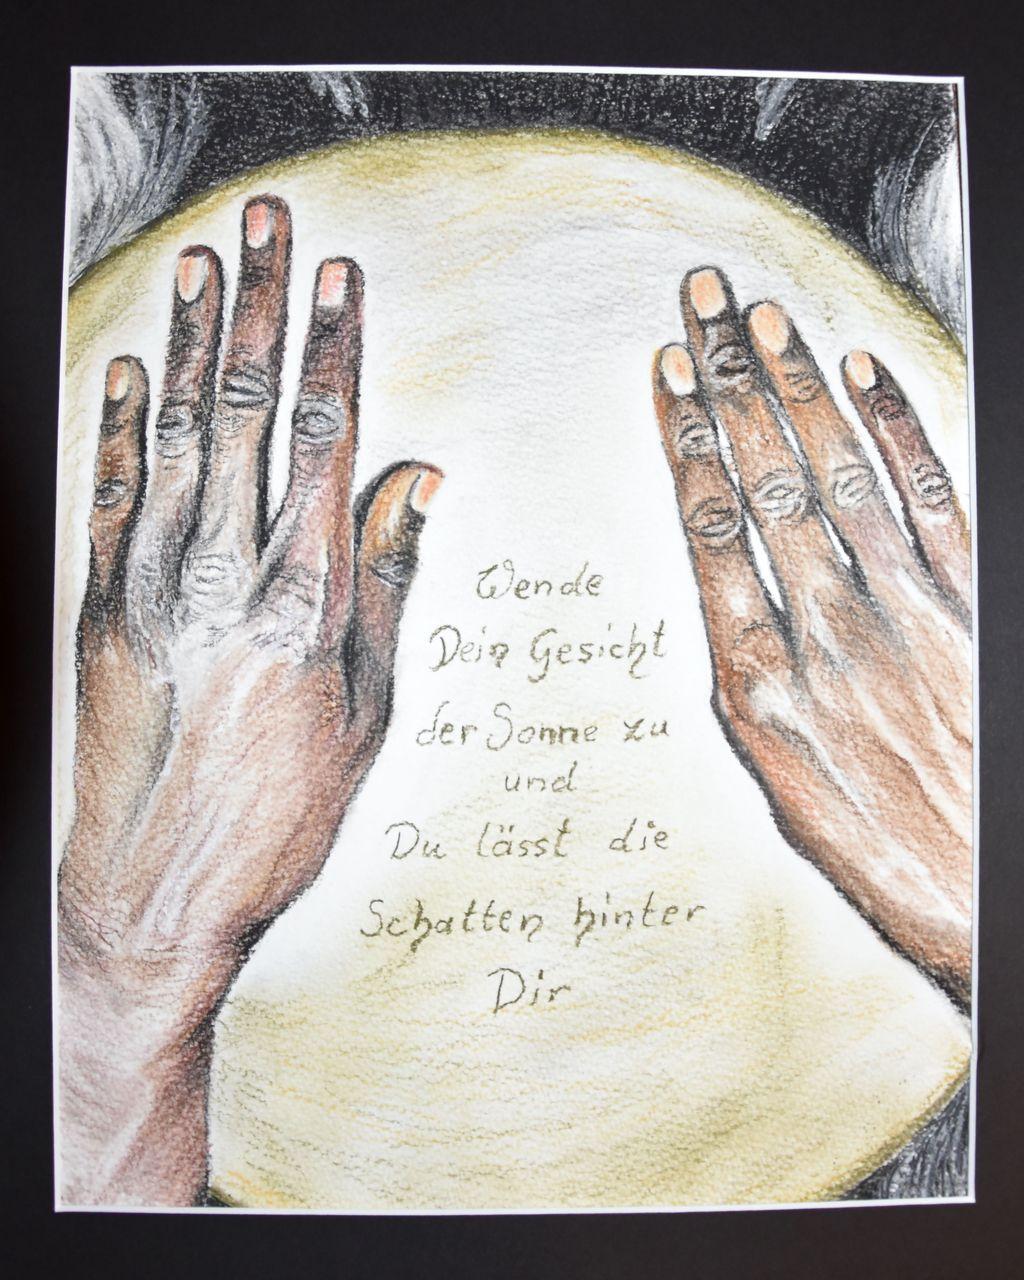 Trommelnde Hände   Hände, Pastellmalerei, Trommel, Zeichnung von